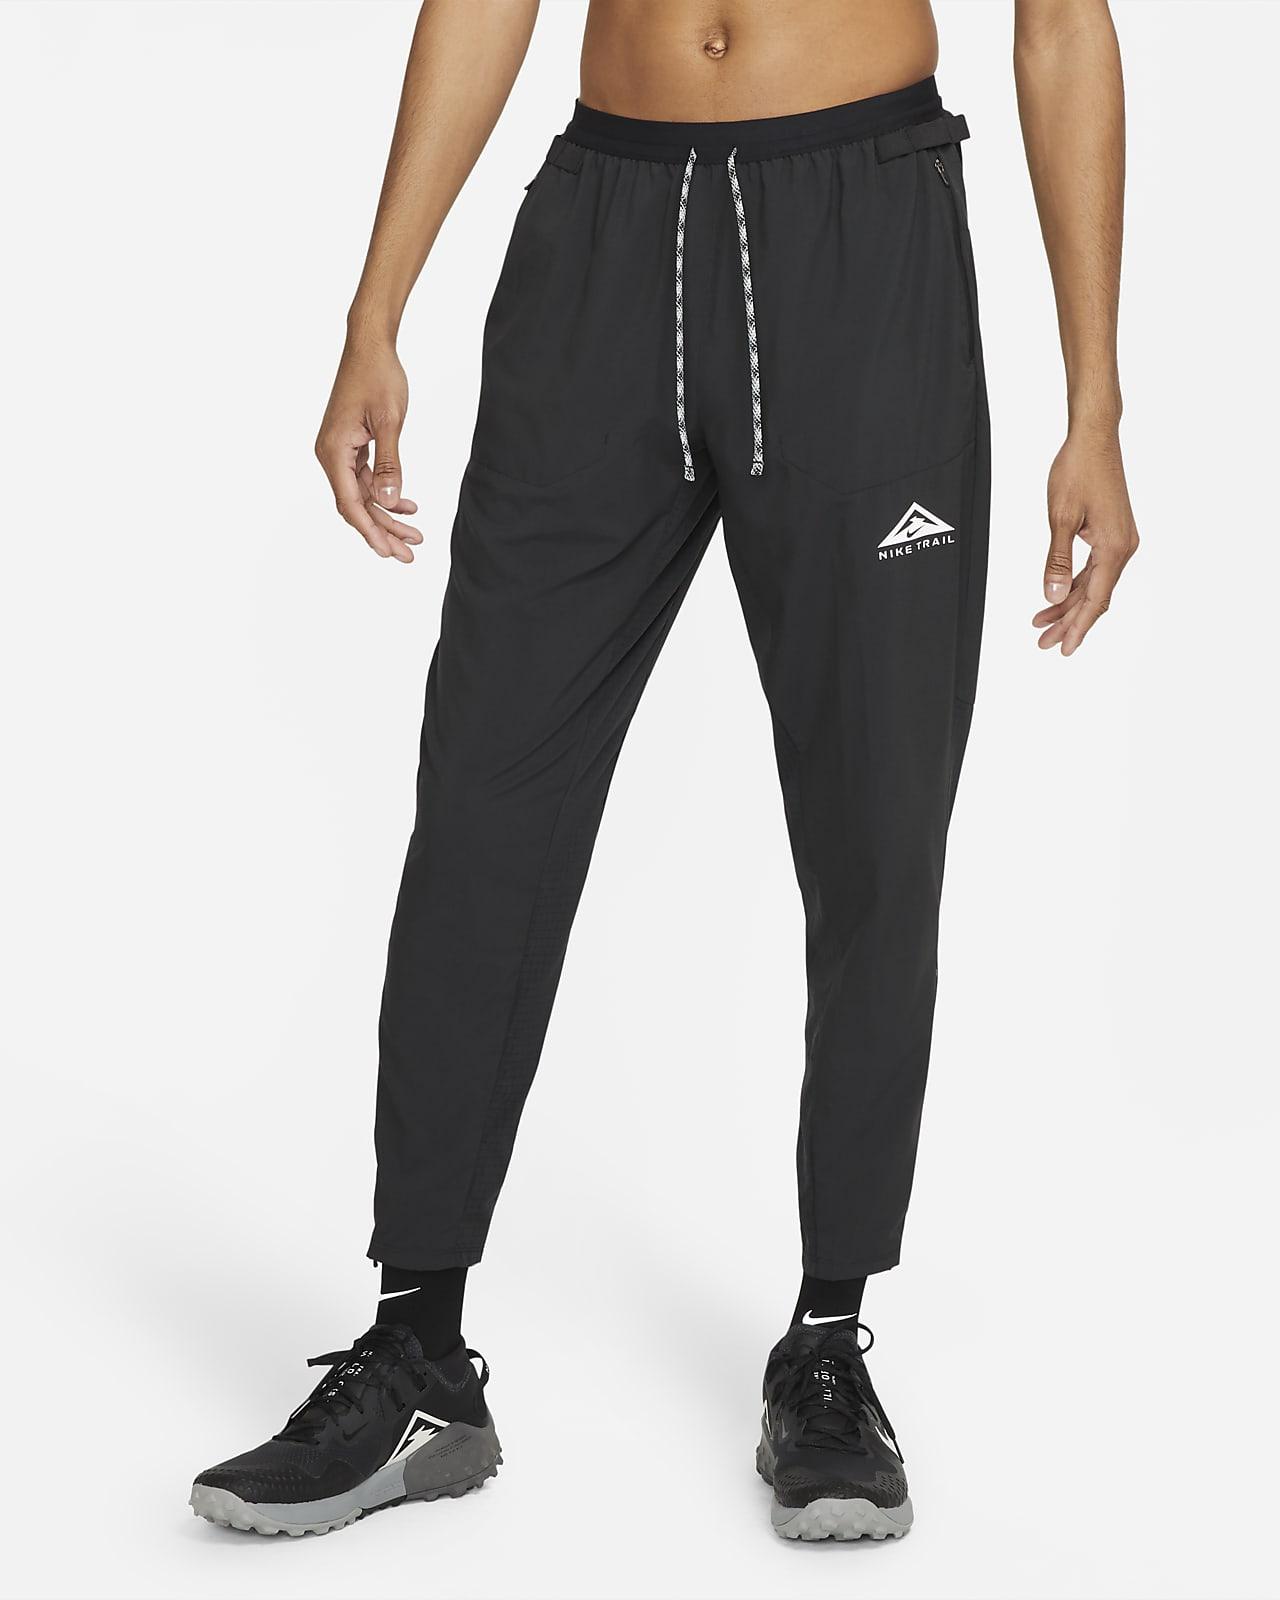 กางเกงวิ่งเทรลขายาวผู้ชายแบบทอ Nike Phenom Elite